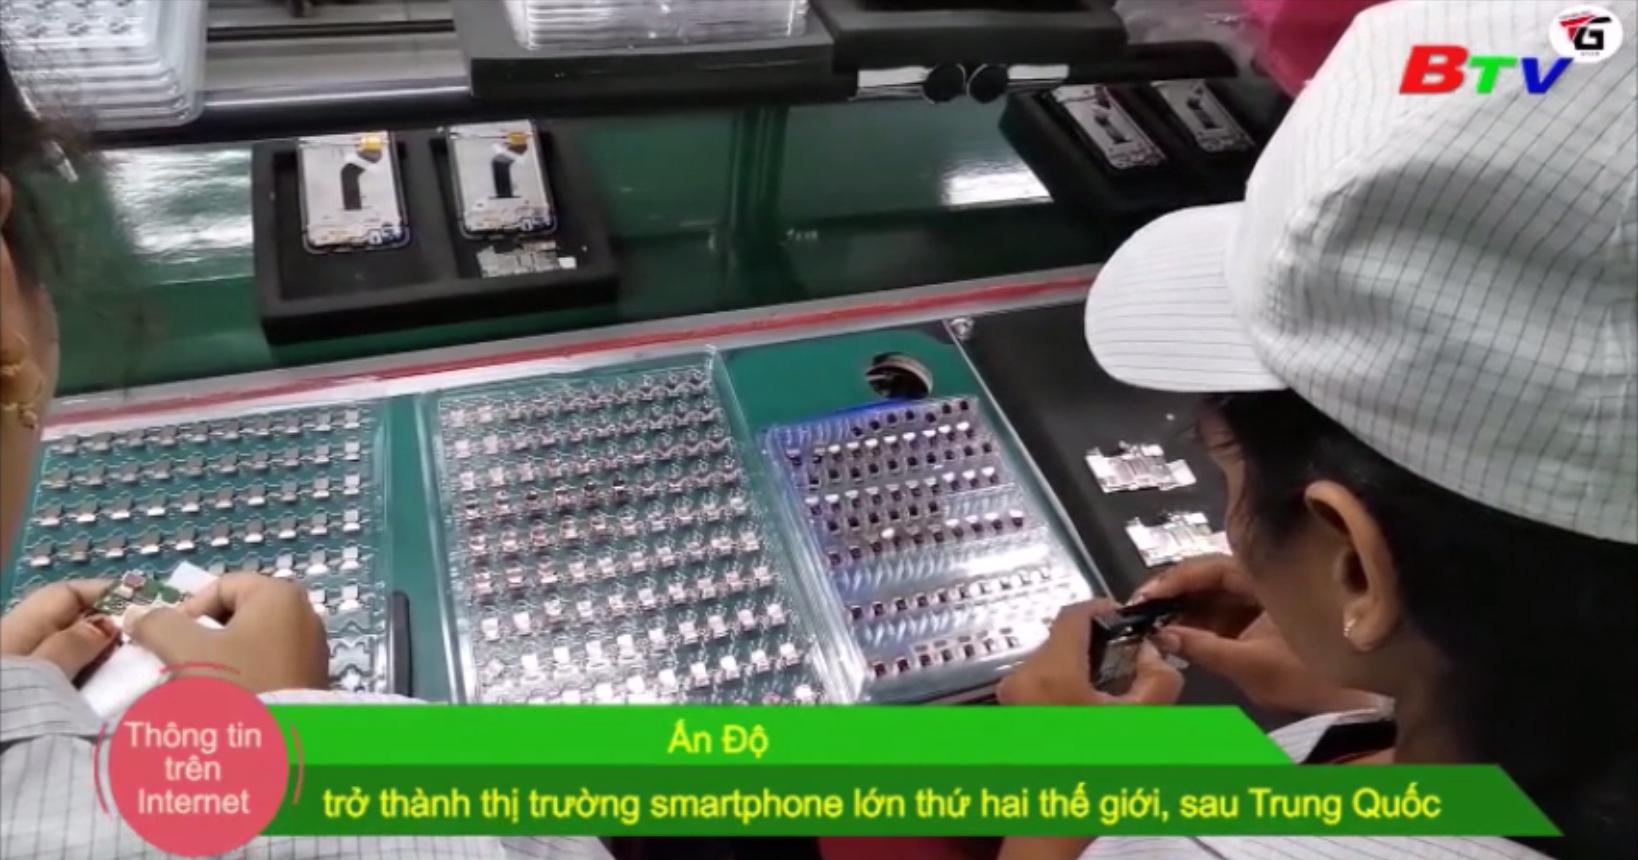 Ấn Độ trở thành thị trường smartphone lớn thứ 2 thế giới, sau Trung Quốc